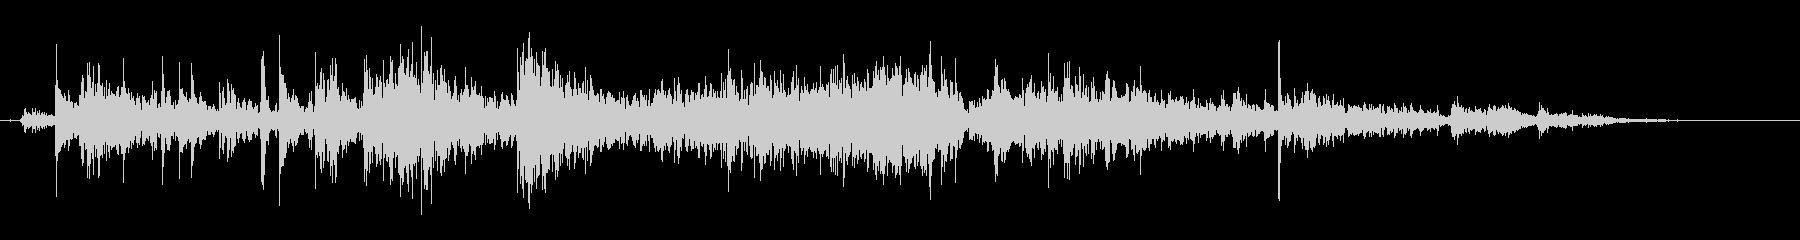 タンバリンの音(しゃん)の未再生の波形